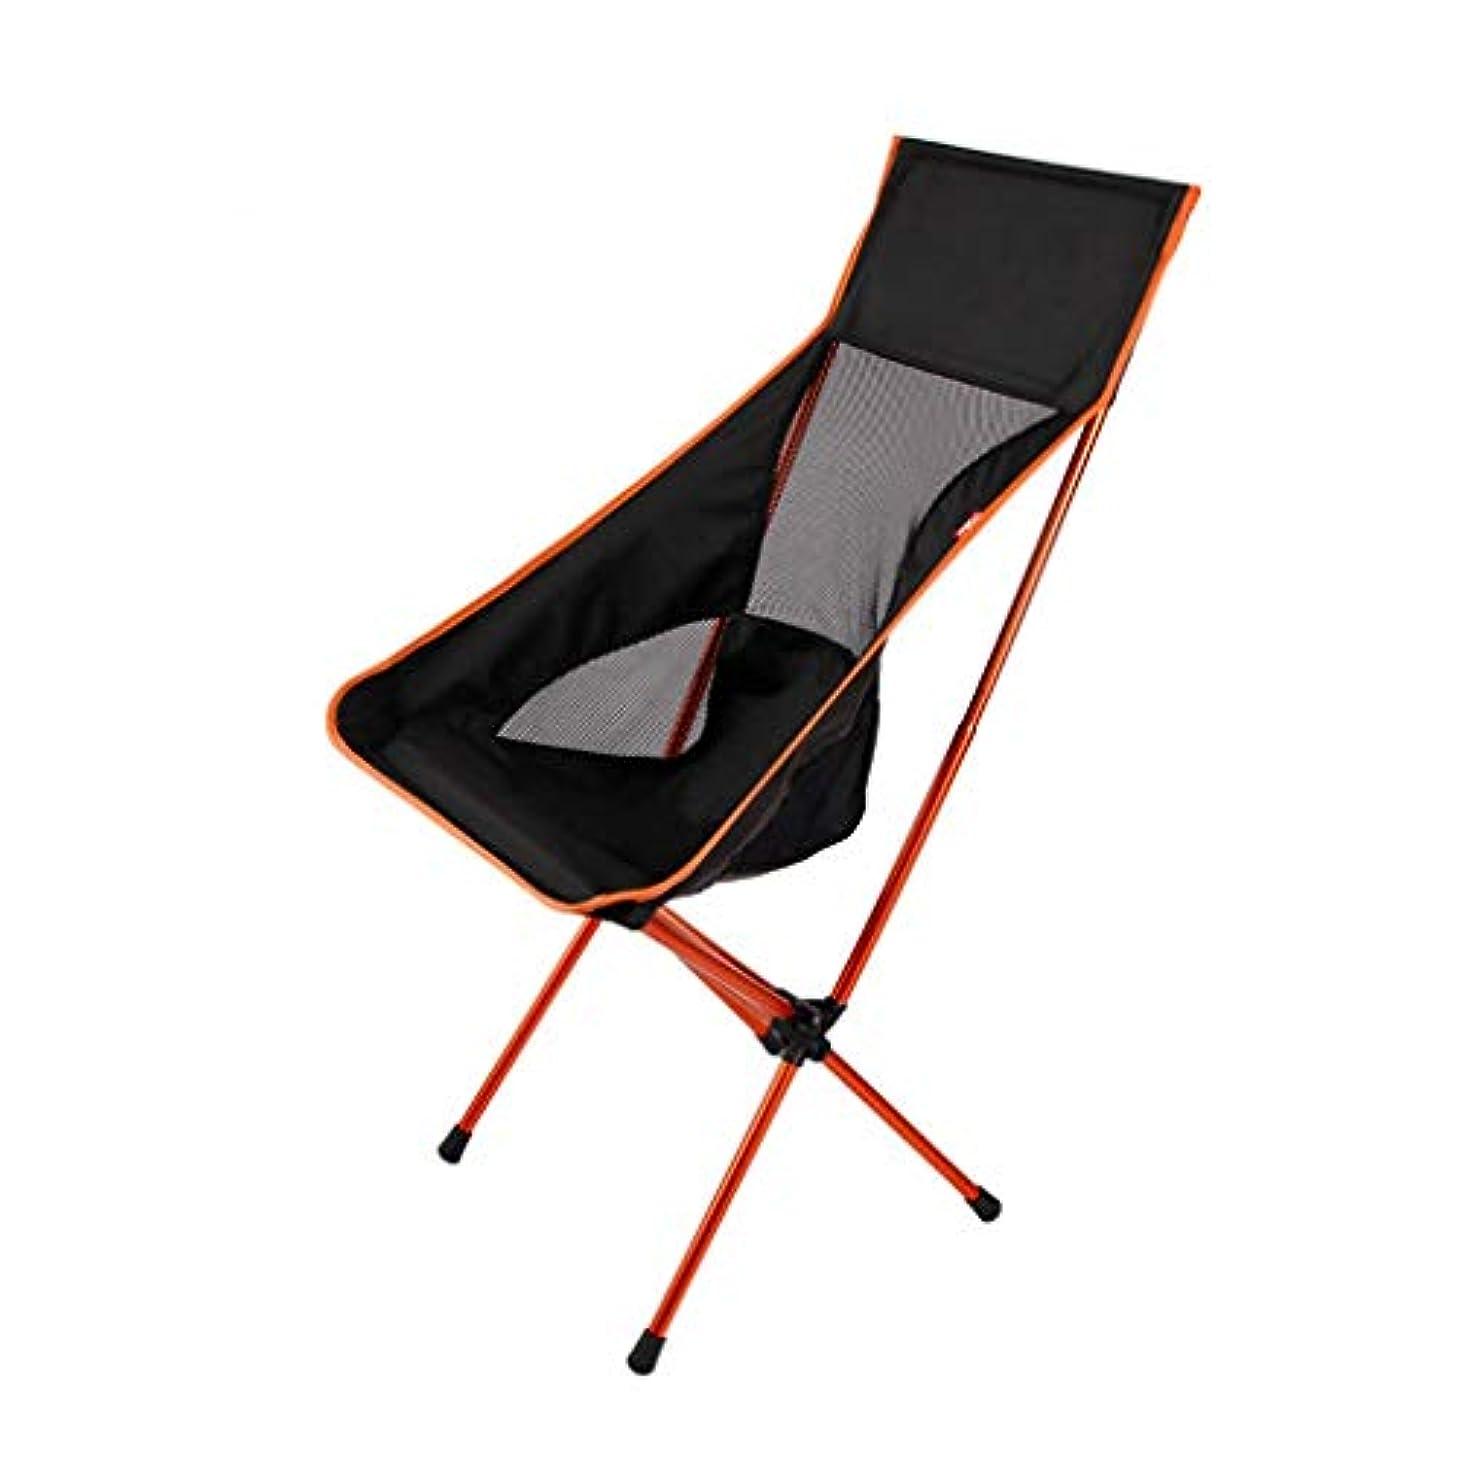 スーツ持ってるわずかな屋外釣り椅子キャンプ折りたたみポータブル背もたれレジャームーンビーチスツール (色 : オレンジ, サイズ さいず : 100*90*40cm)